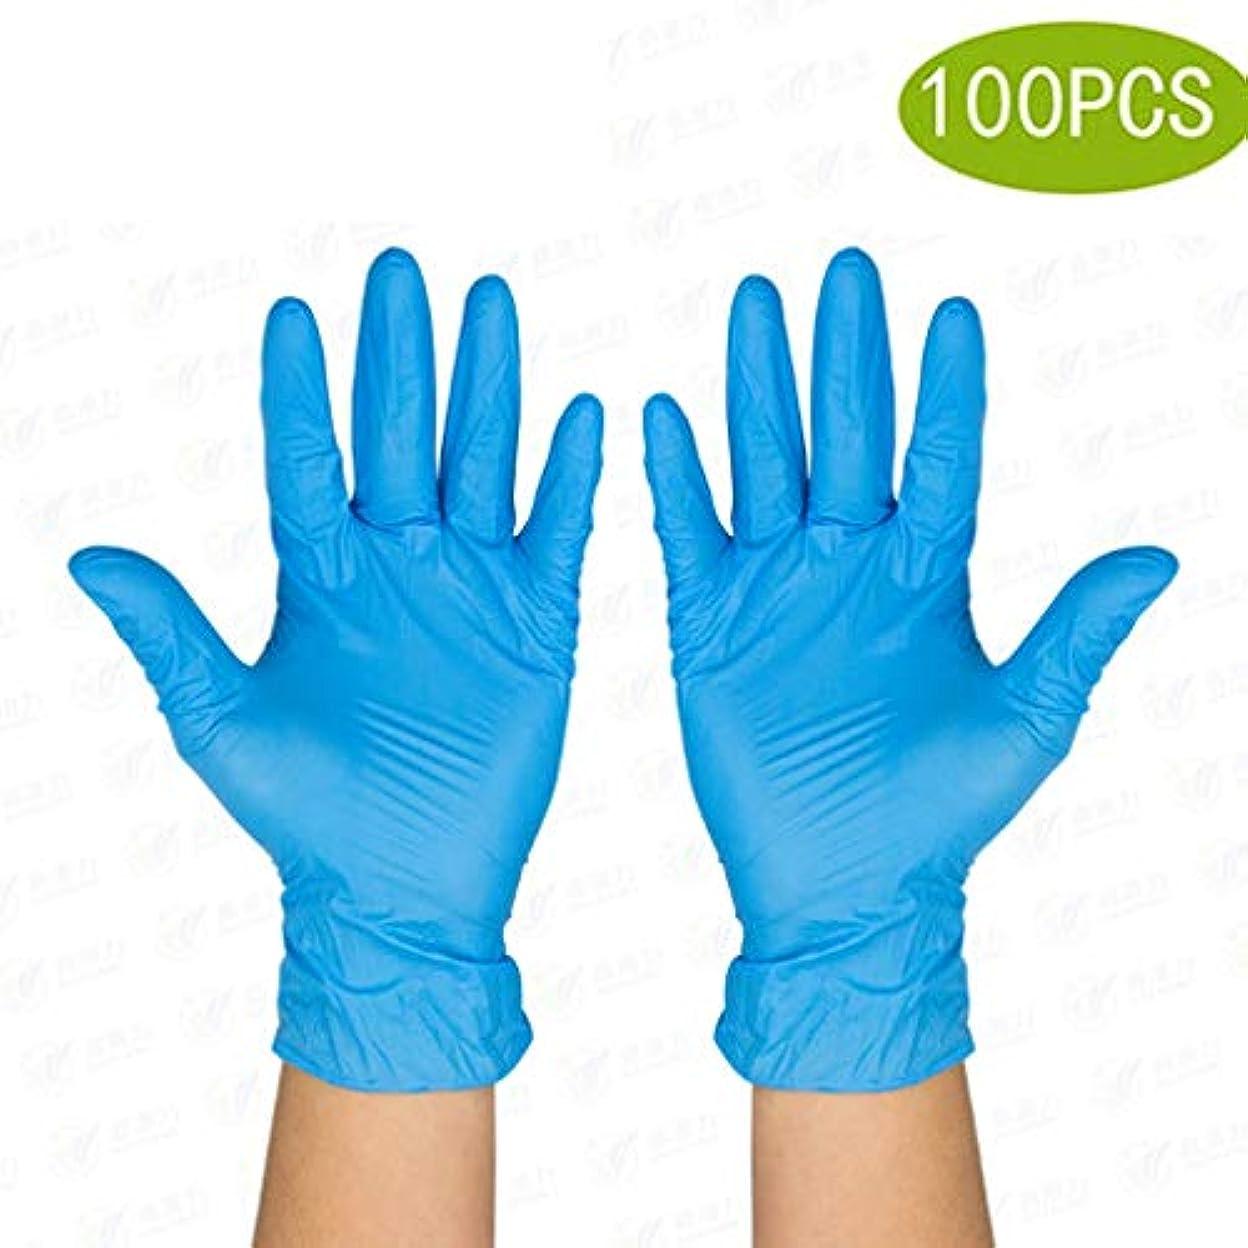 アーチ職業輸血保護用使い捨てニトリル医療用手袋、3mil、ラテックスフリー、試験グレードの手袋、質感のある、両性、非滅菌の、100ラテックス手袋のパック (Color : Blue, Size : L)